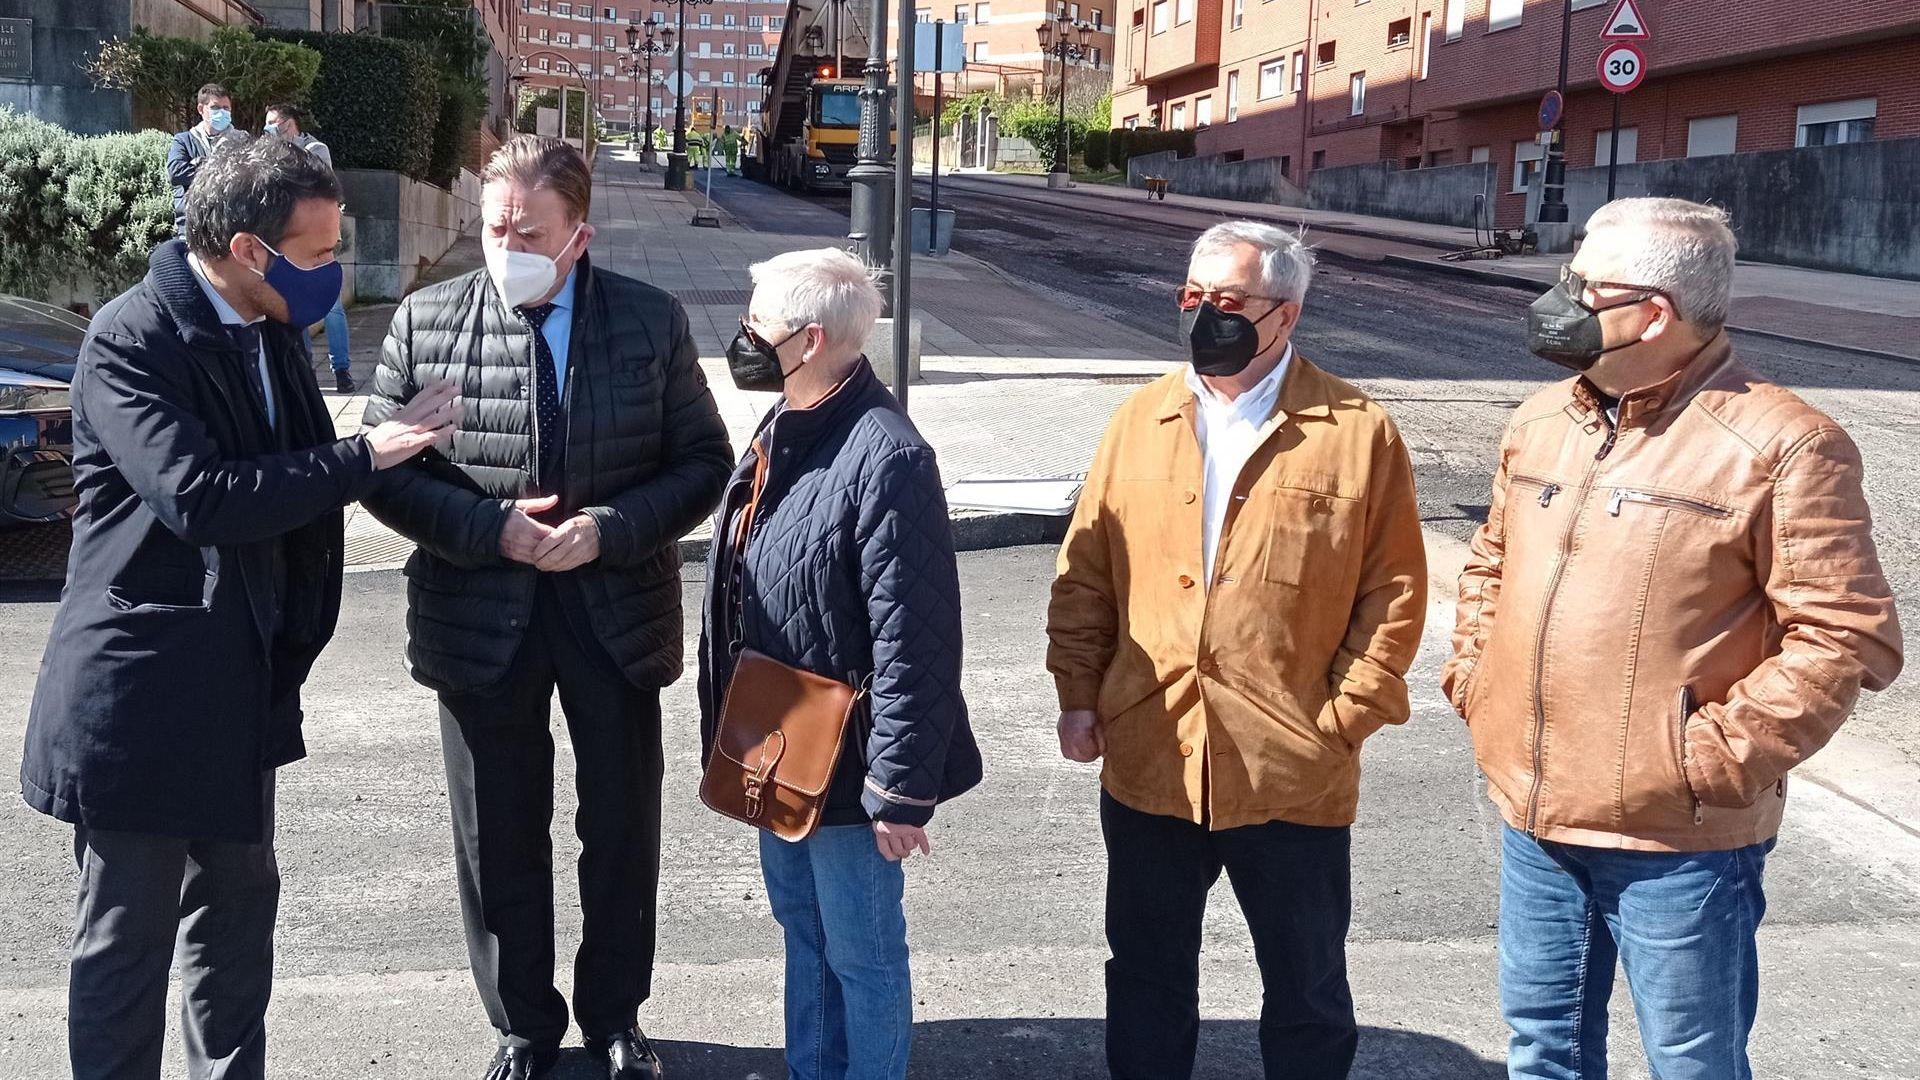 El alcalde, Alfredo Canteli, visita junto a otros miembros de la corporación las obras de asfaltado en Villafría